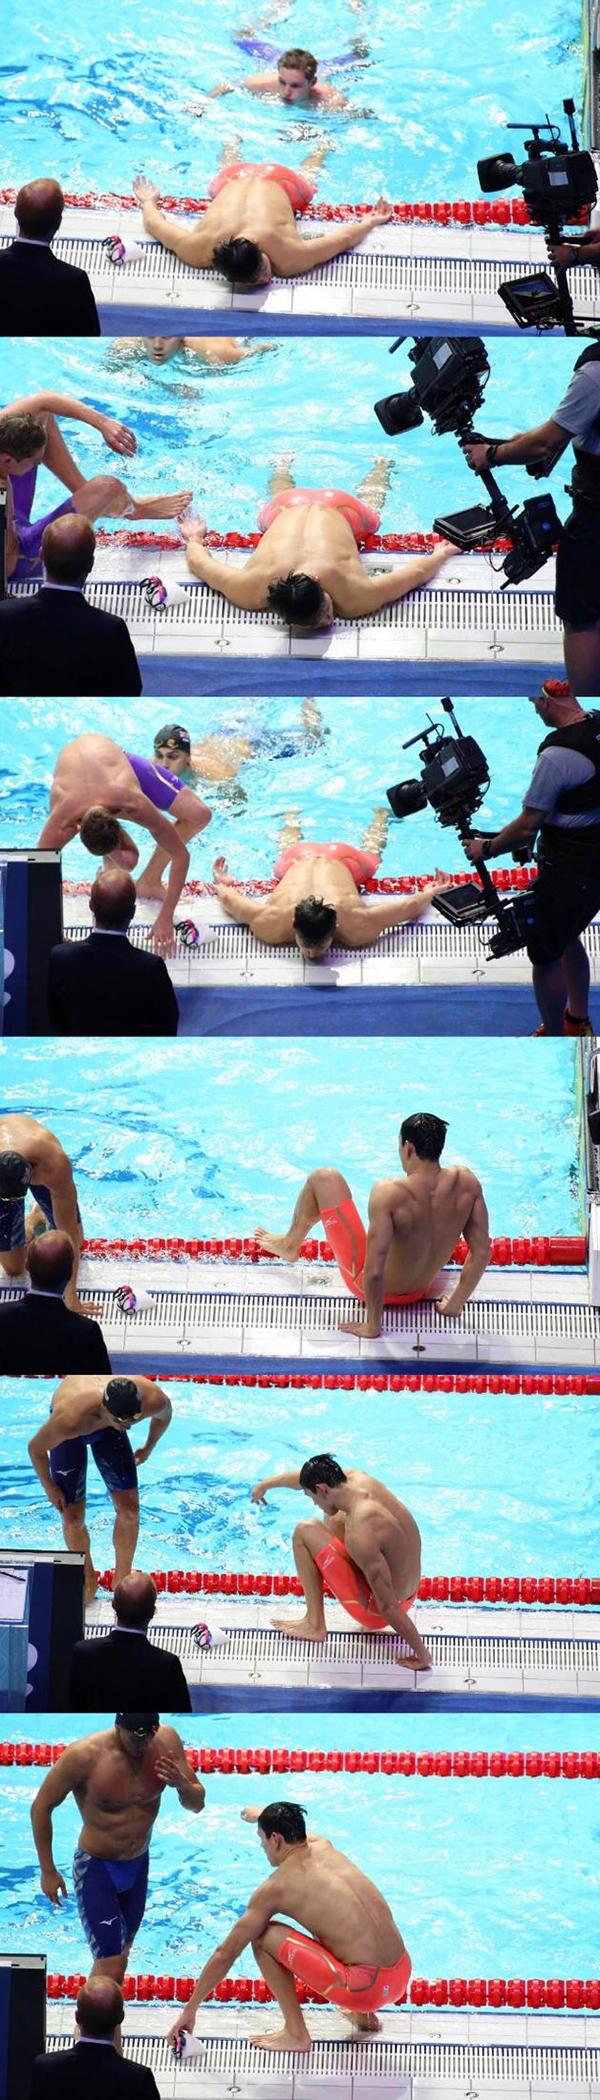 徐嘉余摘仰泳金牌 孙杨200米夺冠因太累趴在泳池边让人心疼